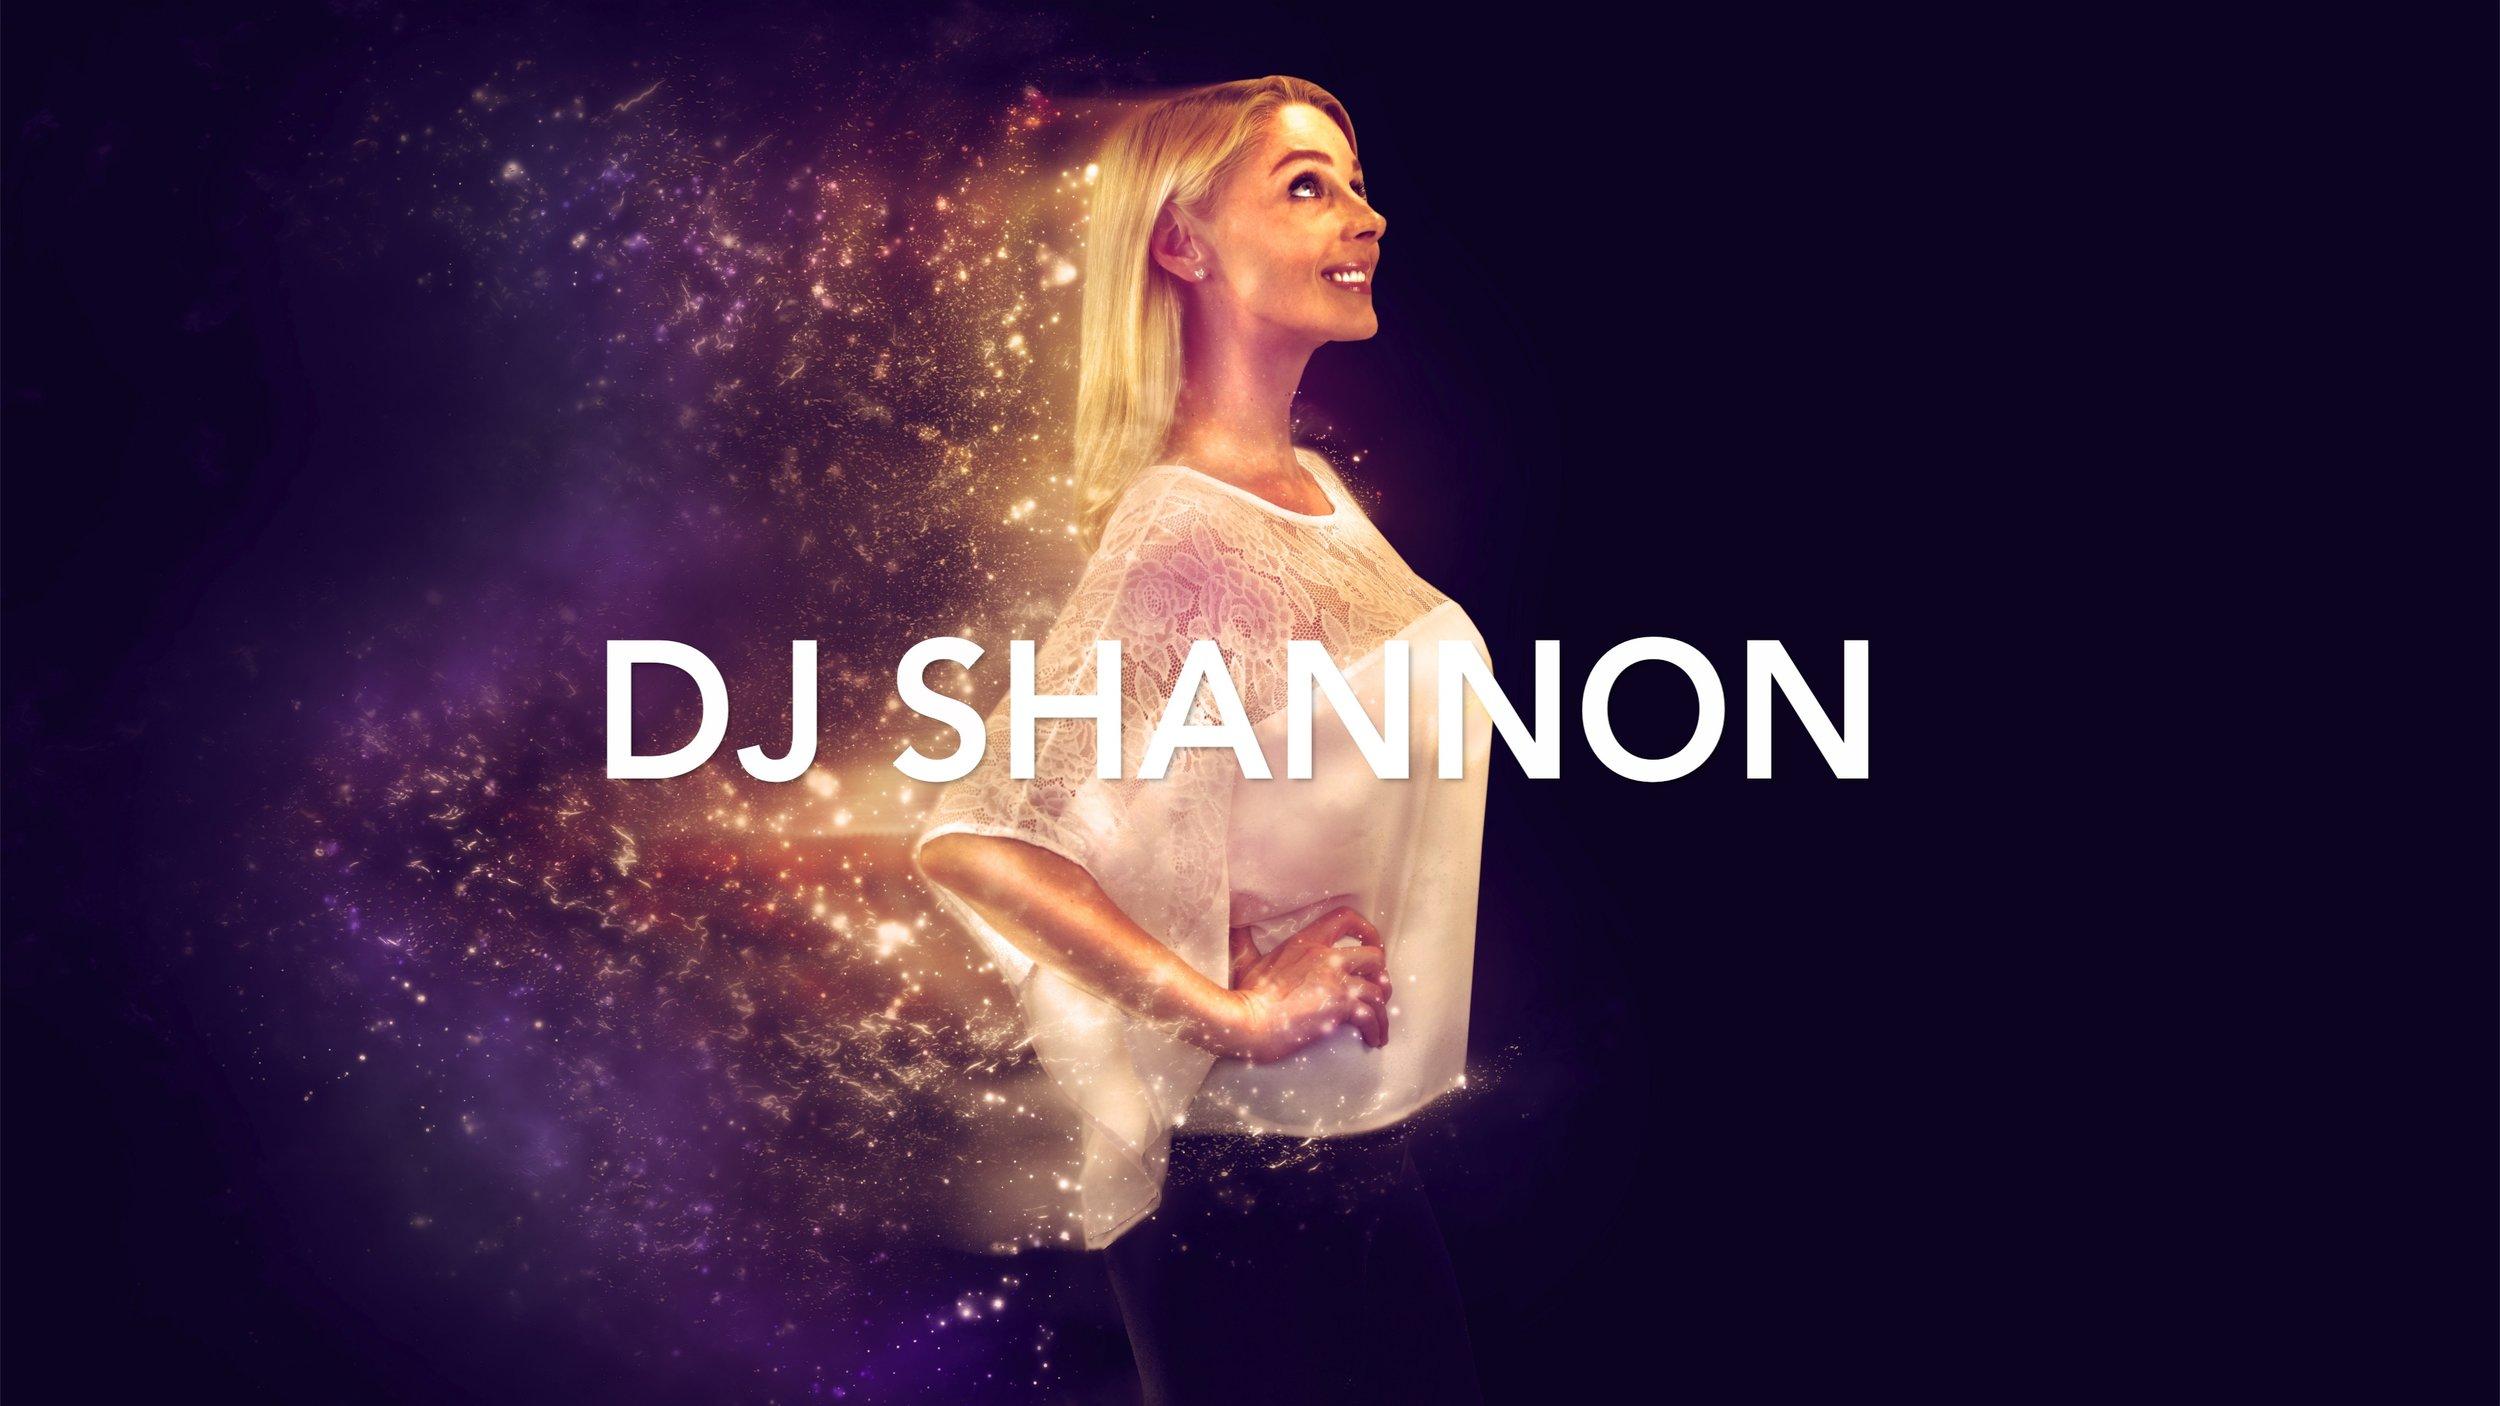 DJ5_ONQ_DJ_SHANNON.jpg